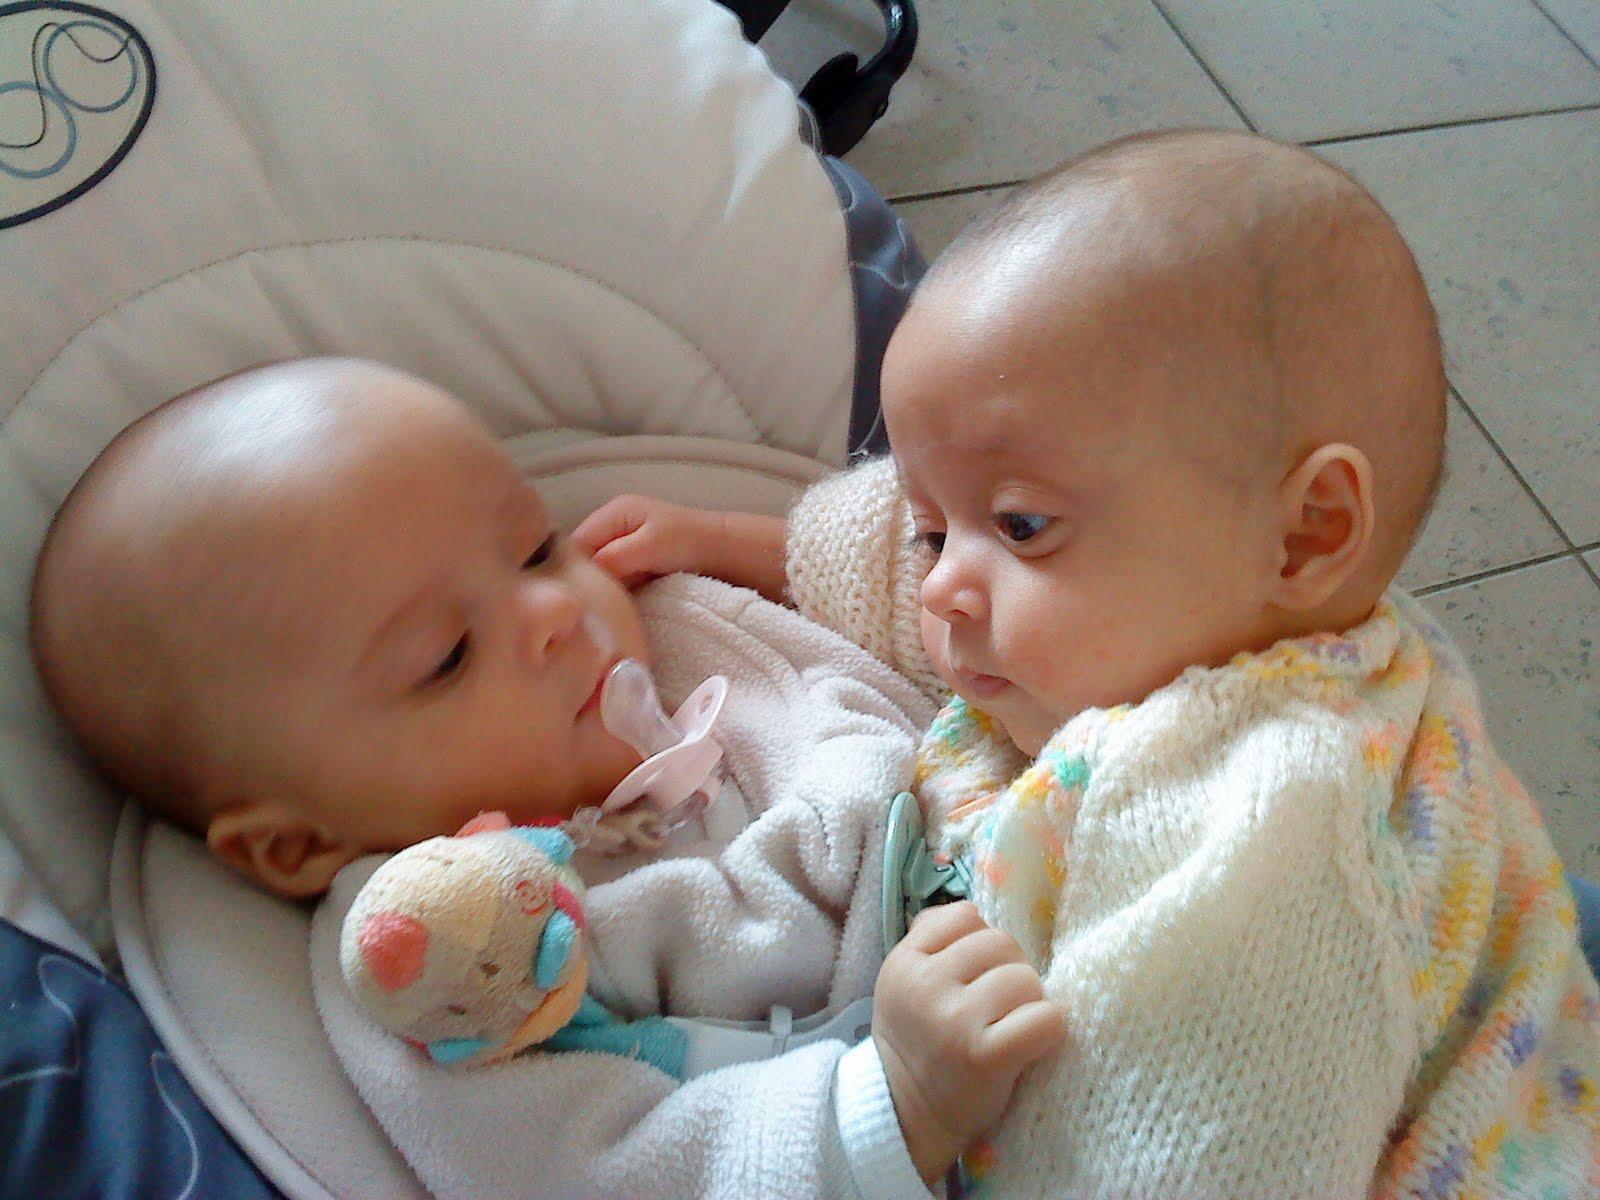 http://4.bp.blogspot.com/_HJpl_RMr1uE/S6HH3695ZqI/AAAAAAAAAcU/ocbJwZFbnYY/s1600/29-01+-+Lily+%26+Louise~1.JPG